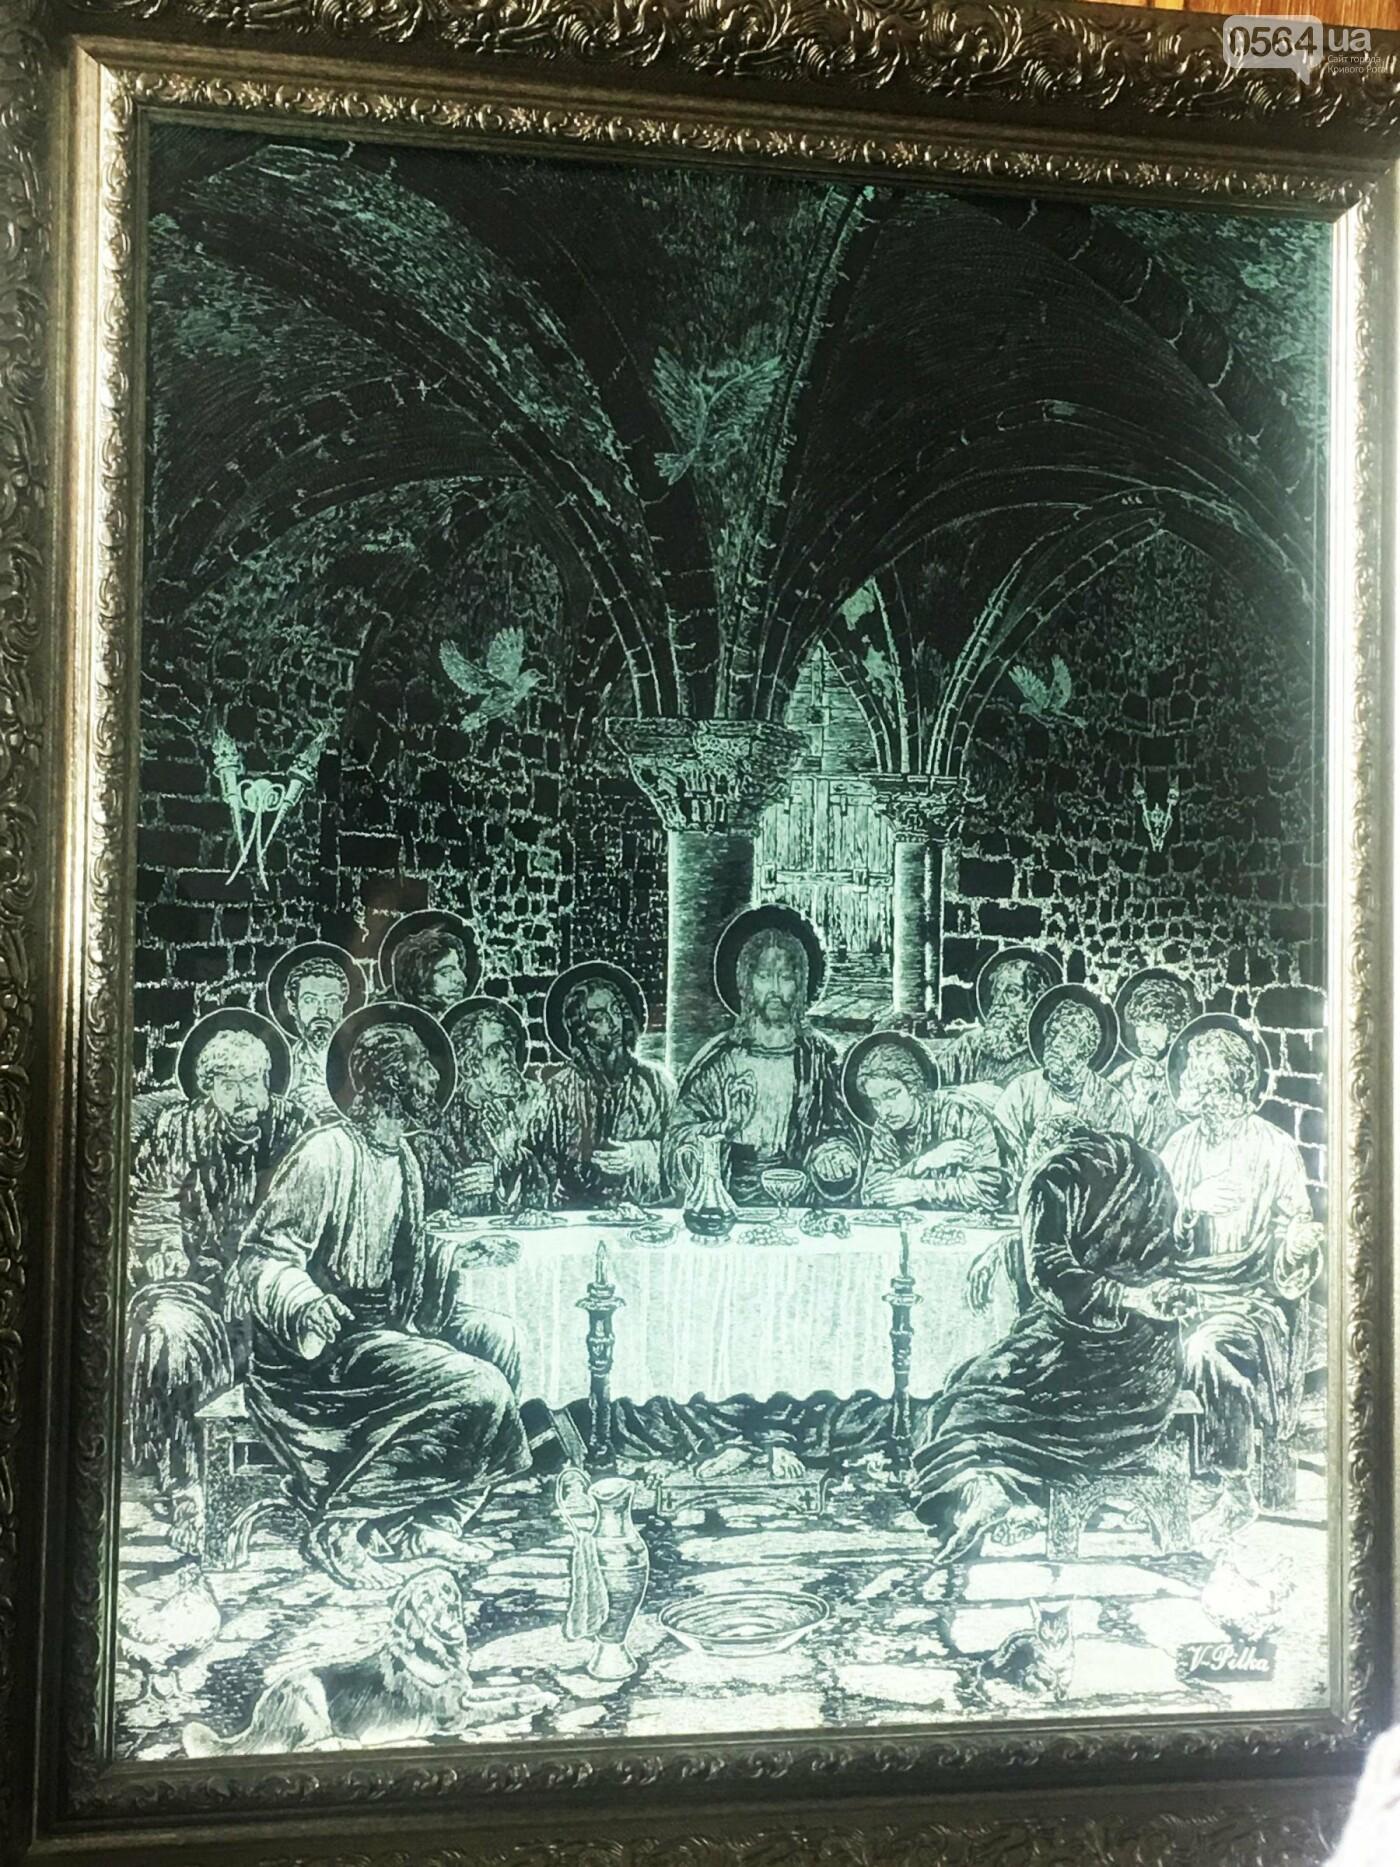 """Перед отправкой в Европу криворожанам презентовали картины """"Тайная вечеря"""" и """"Рыцарь, смерть и дьявол"""", - ФОТО, ВИДЕО, фото-22"""